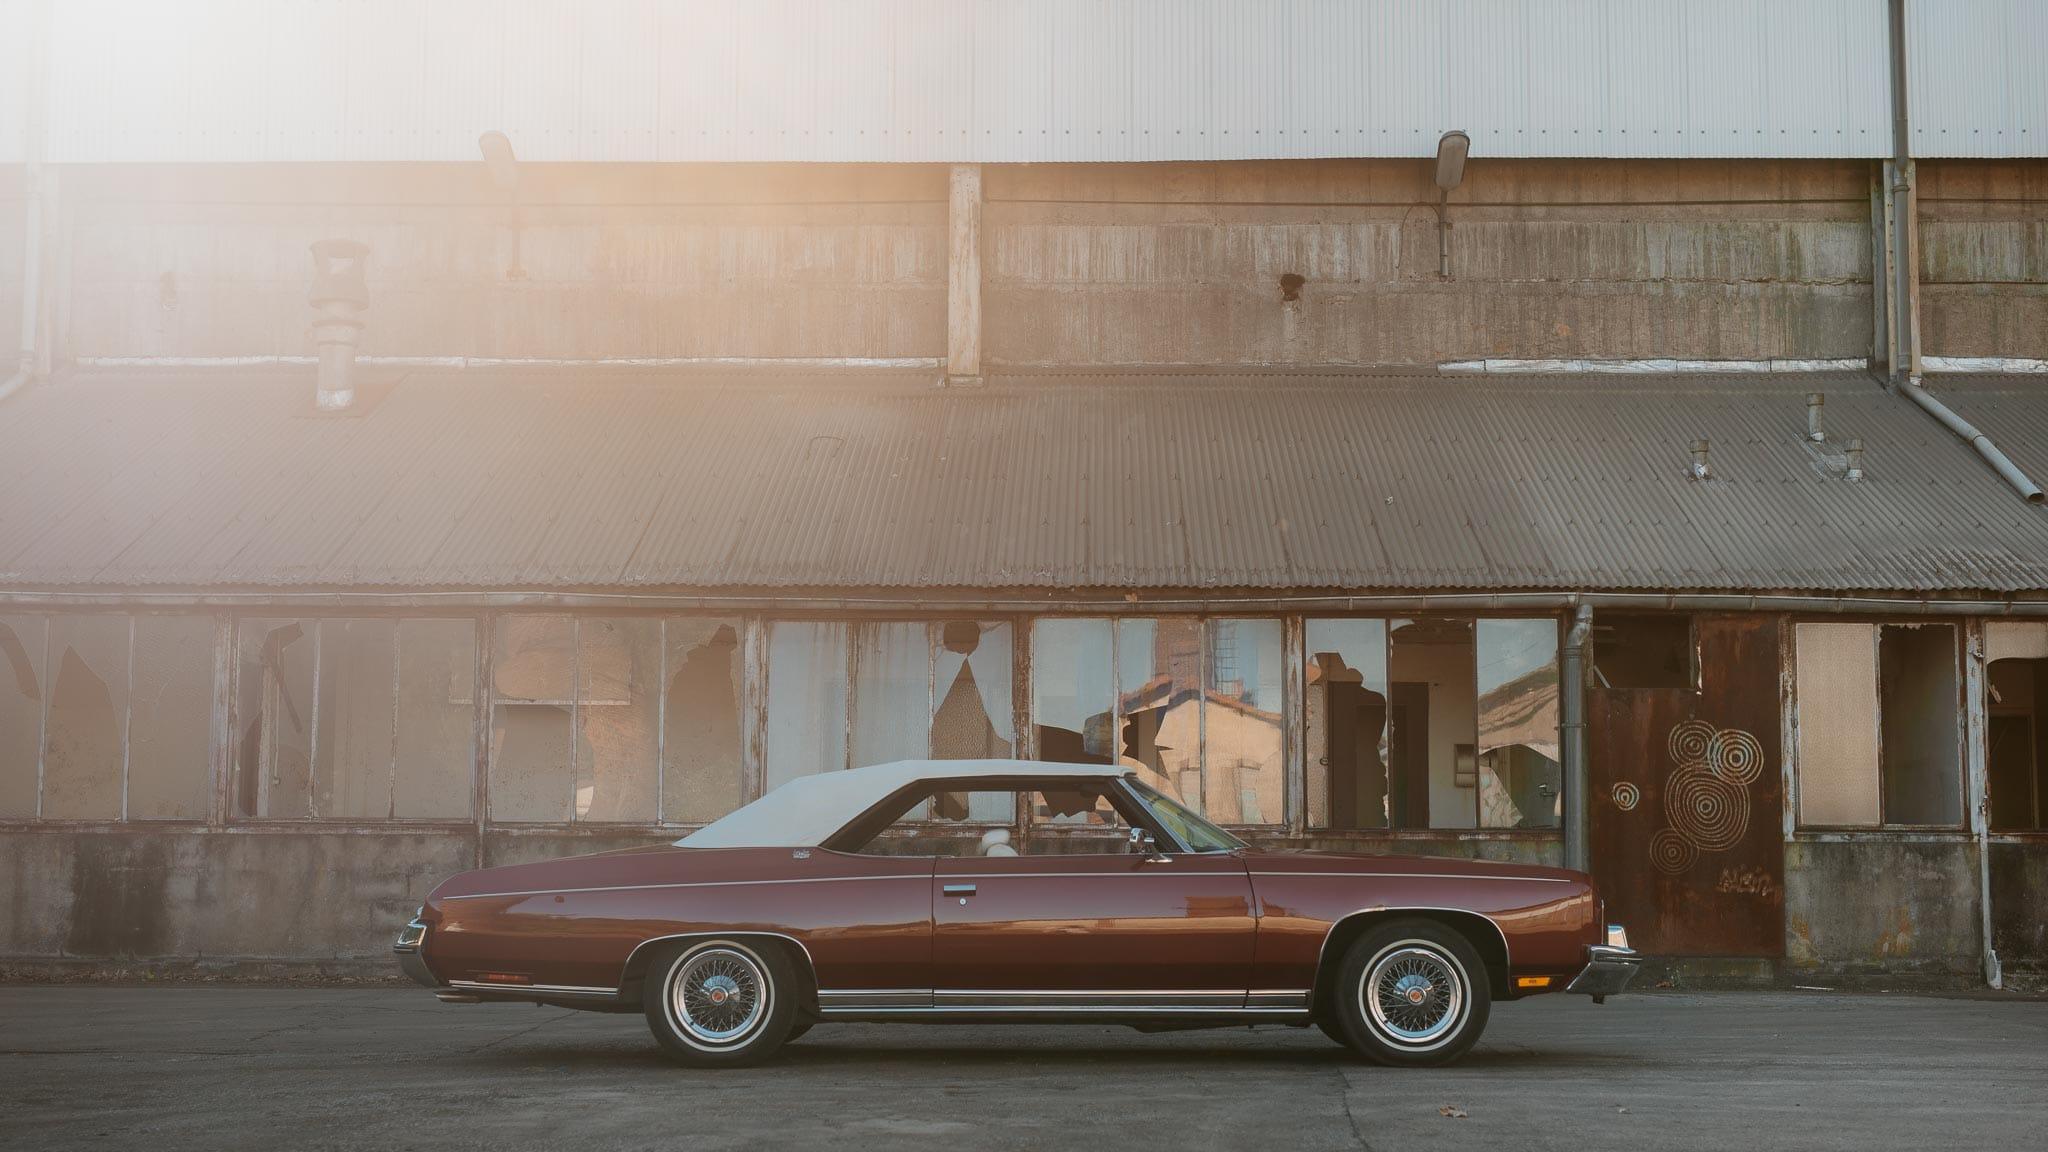 Séance couple après mariage mise en scène avec voiture américaine de collection dans une friche industrielle aux alentours de Nantes par Geoffrey Arnoldy photographe